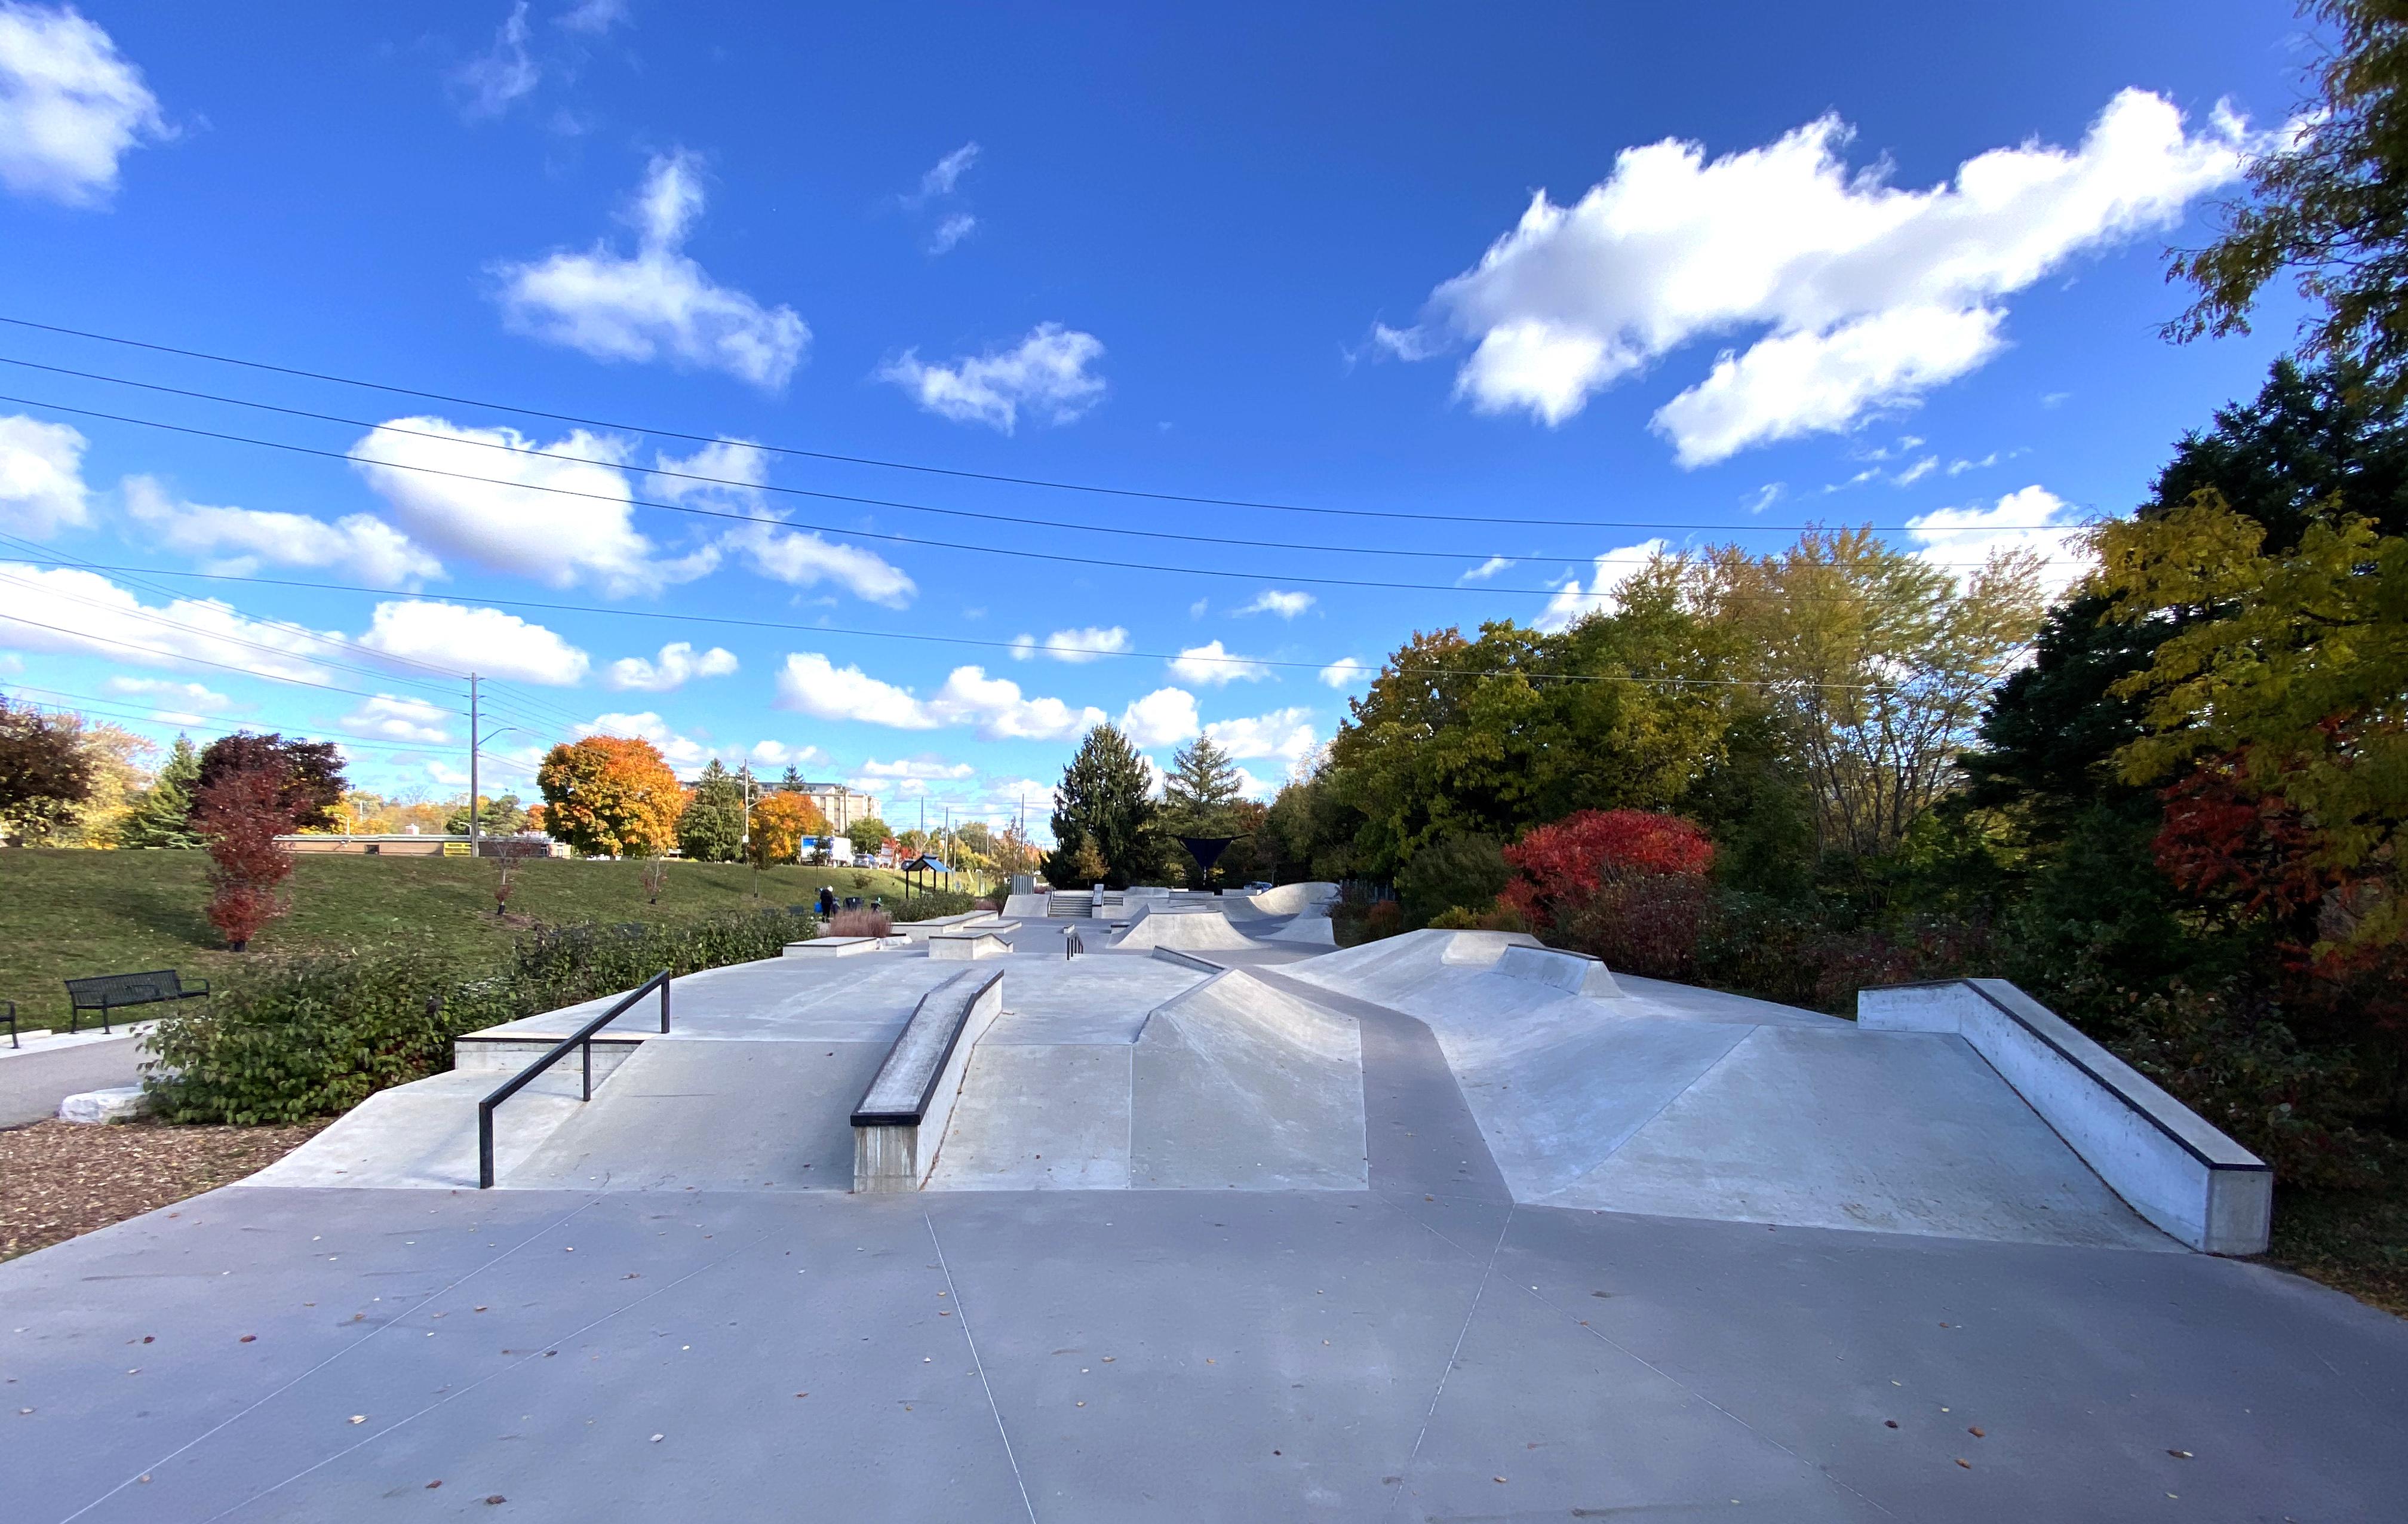 Guelph Skatepark at the back